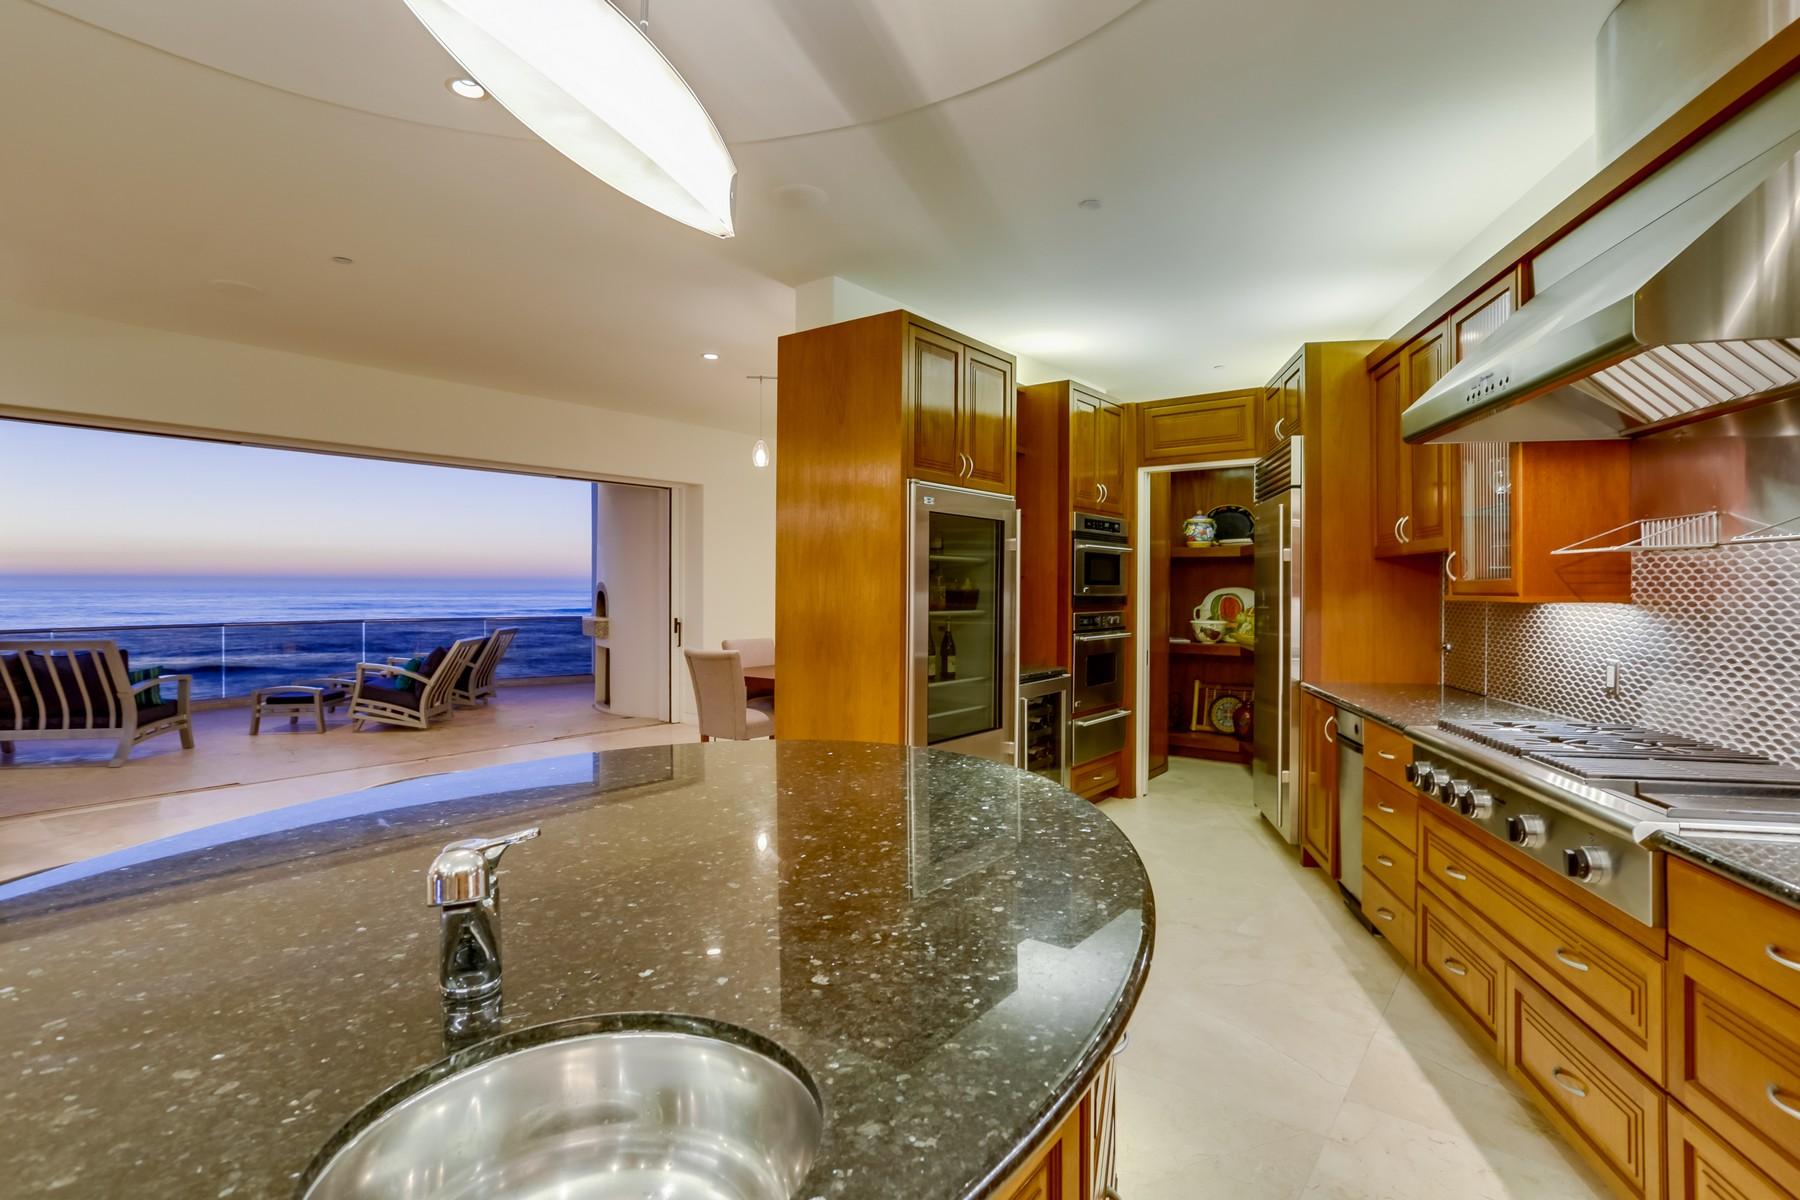 Additional photo for property listing at 7400 Vista Del Mar  La Jolla, Калифорния 92037 Соединенные Штаты